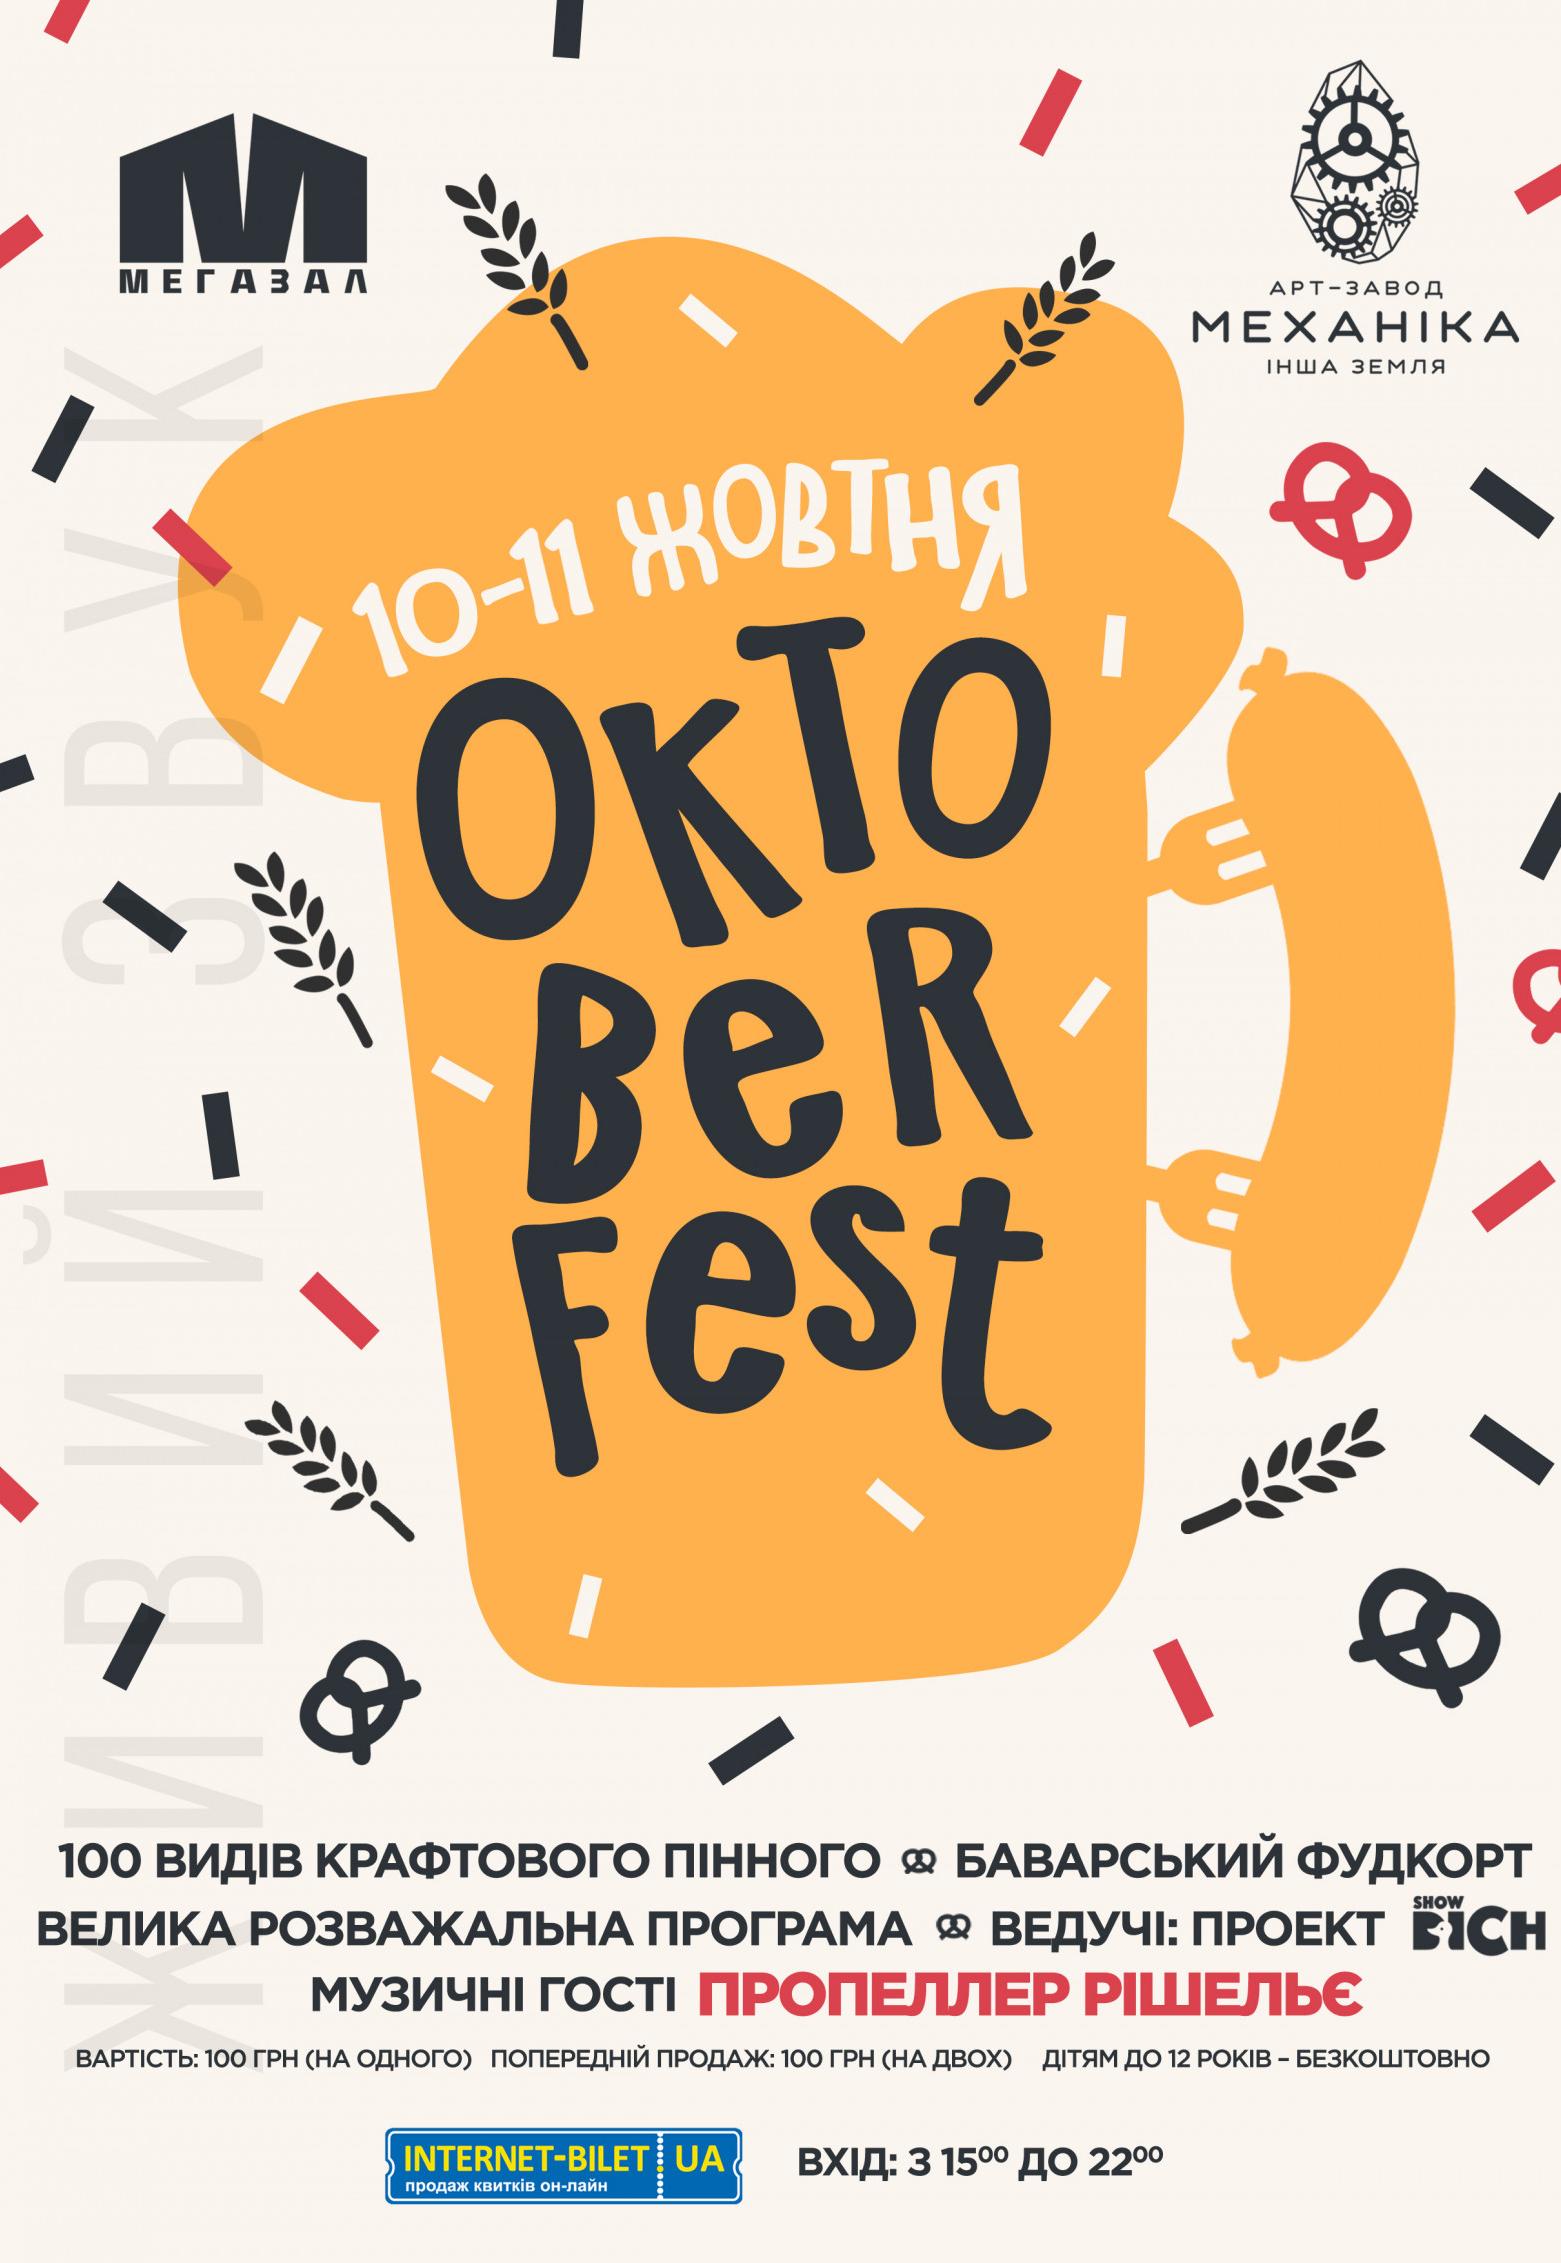 Oktoberfest 2020 Харьков Механика